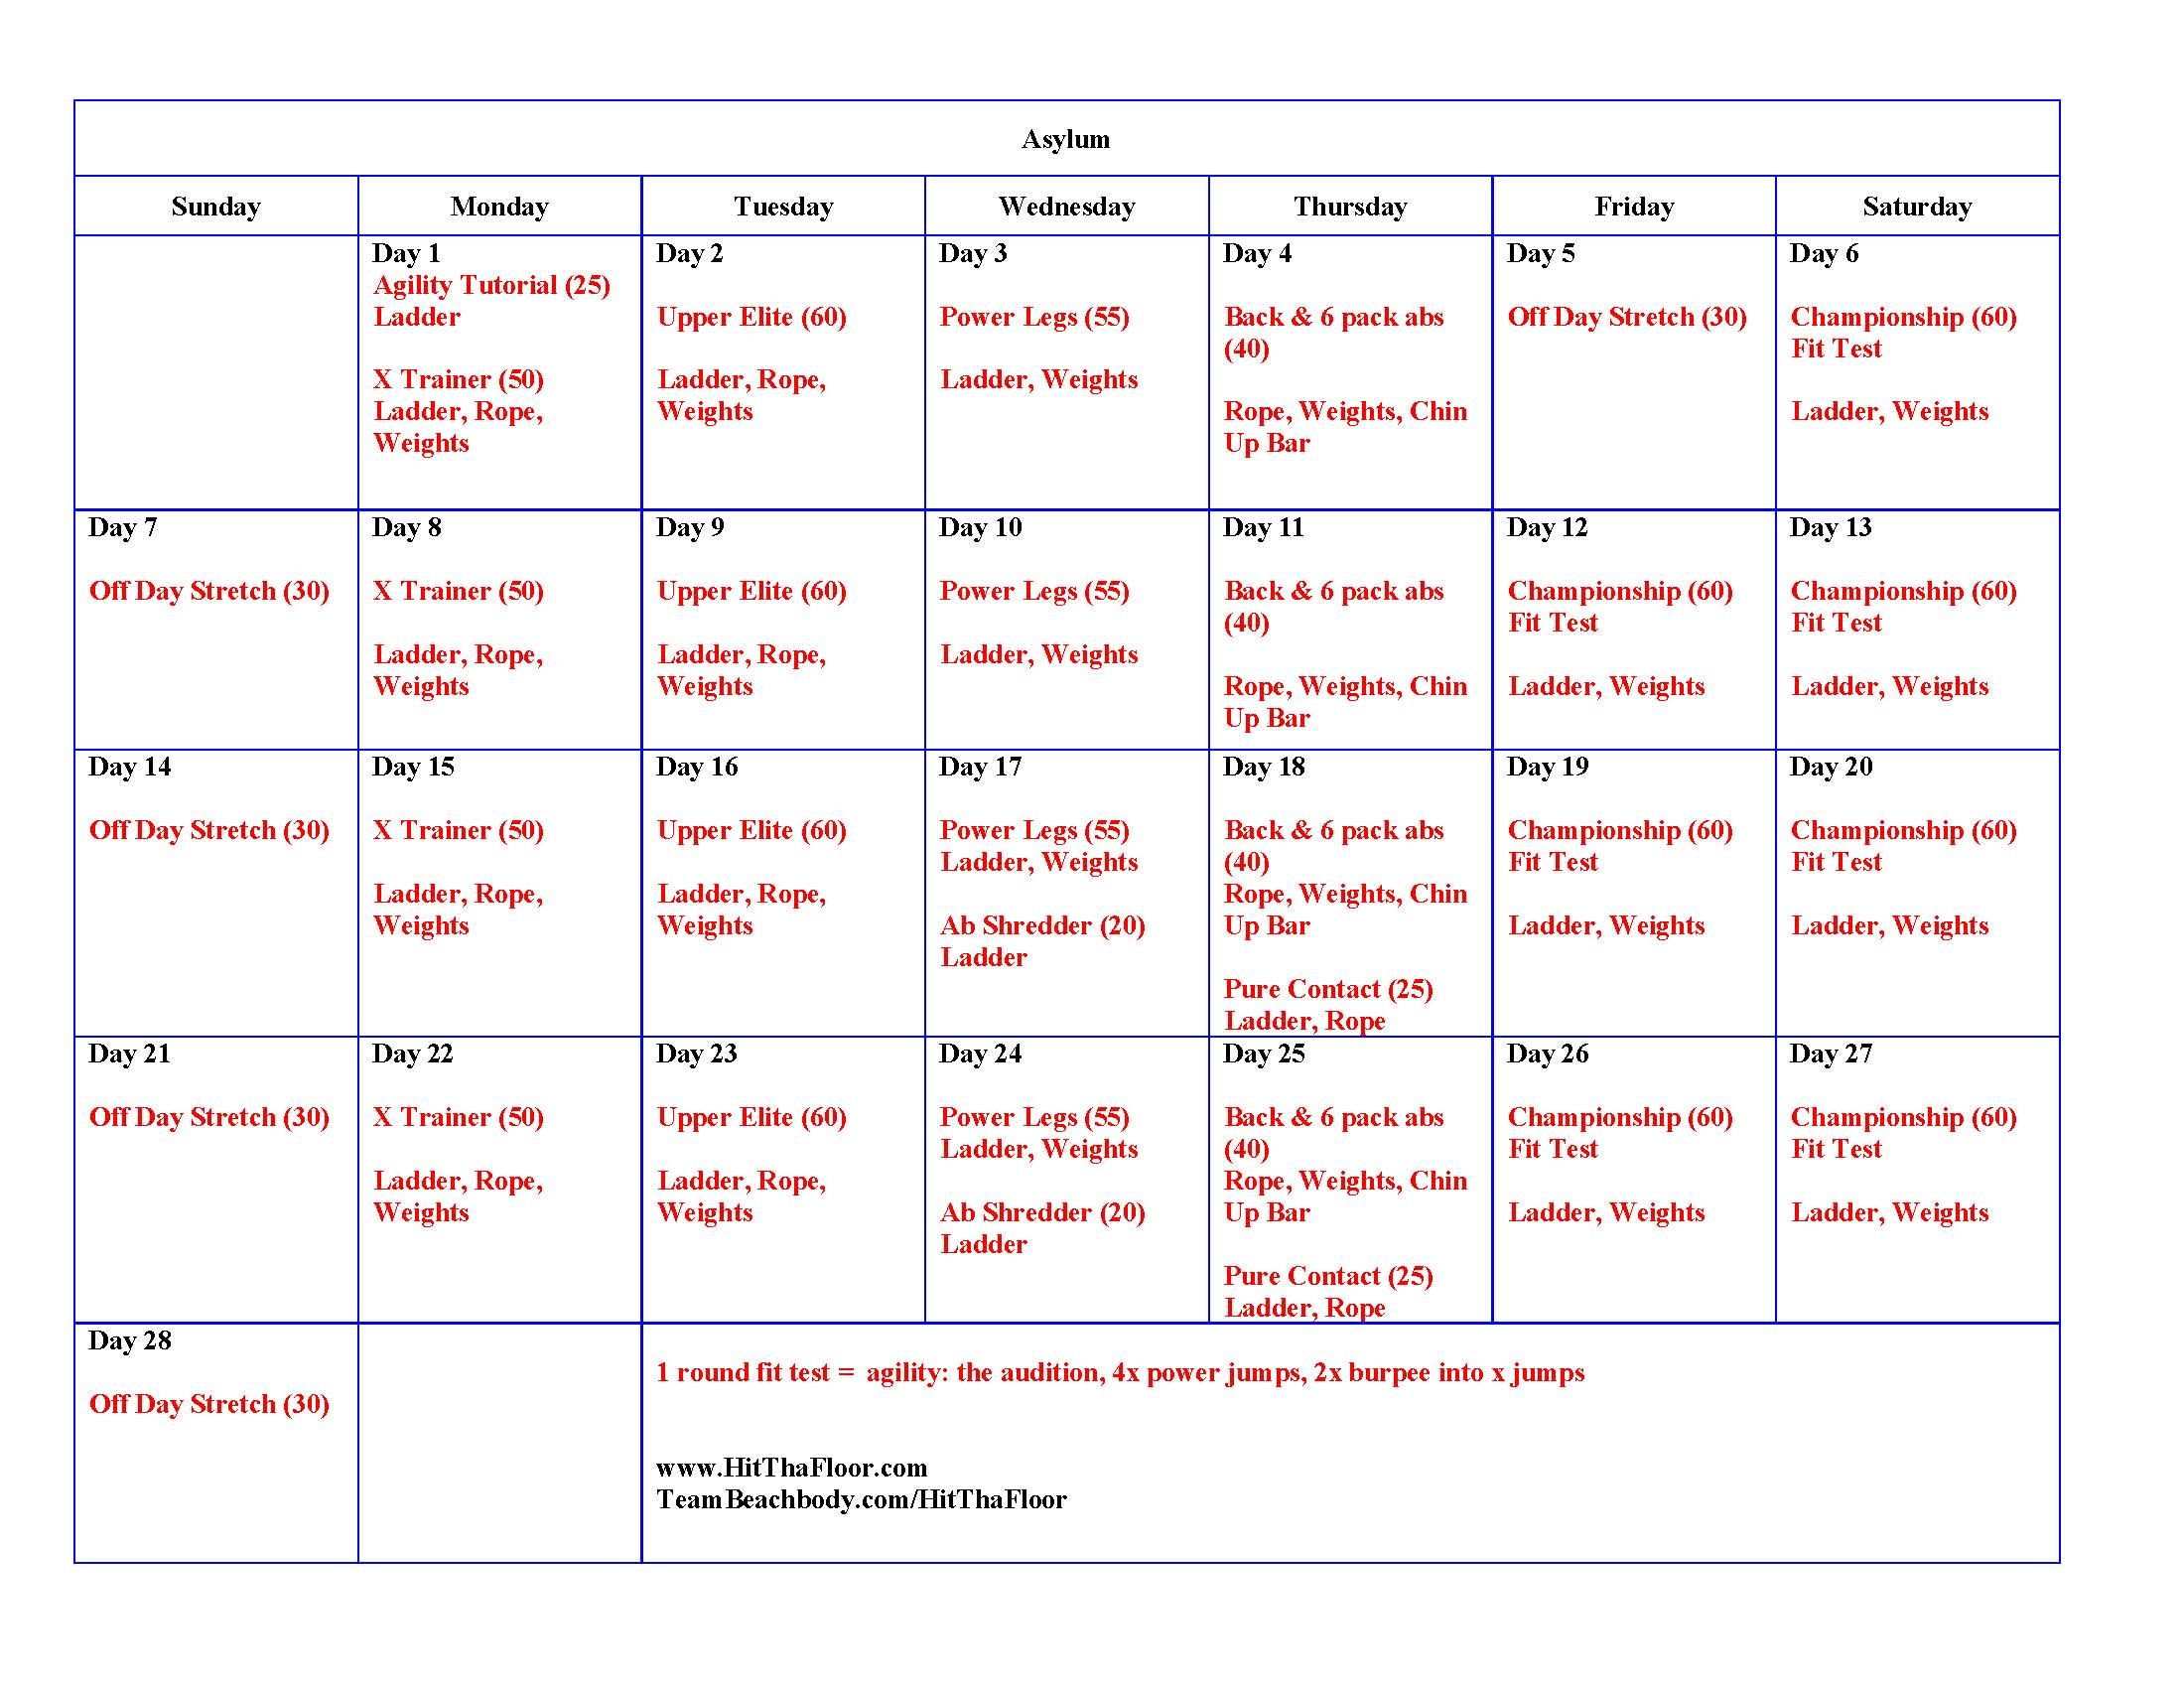 Asylum Volume 2 Calendar